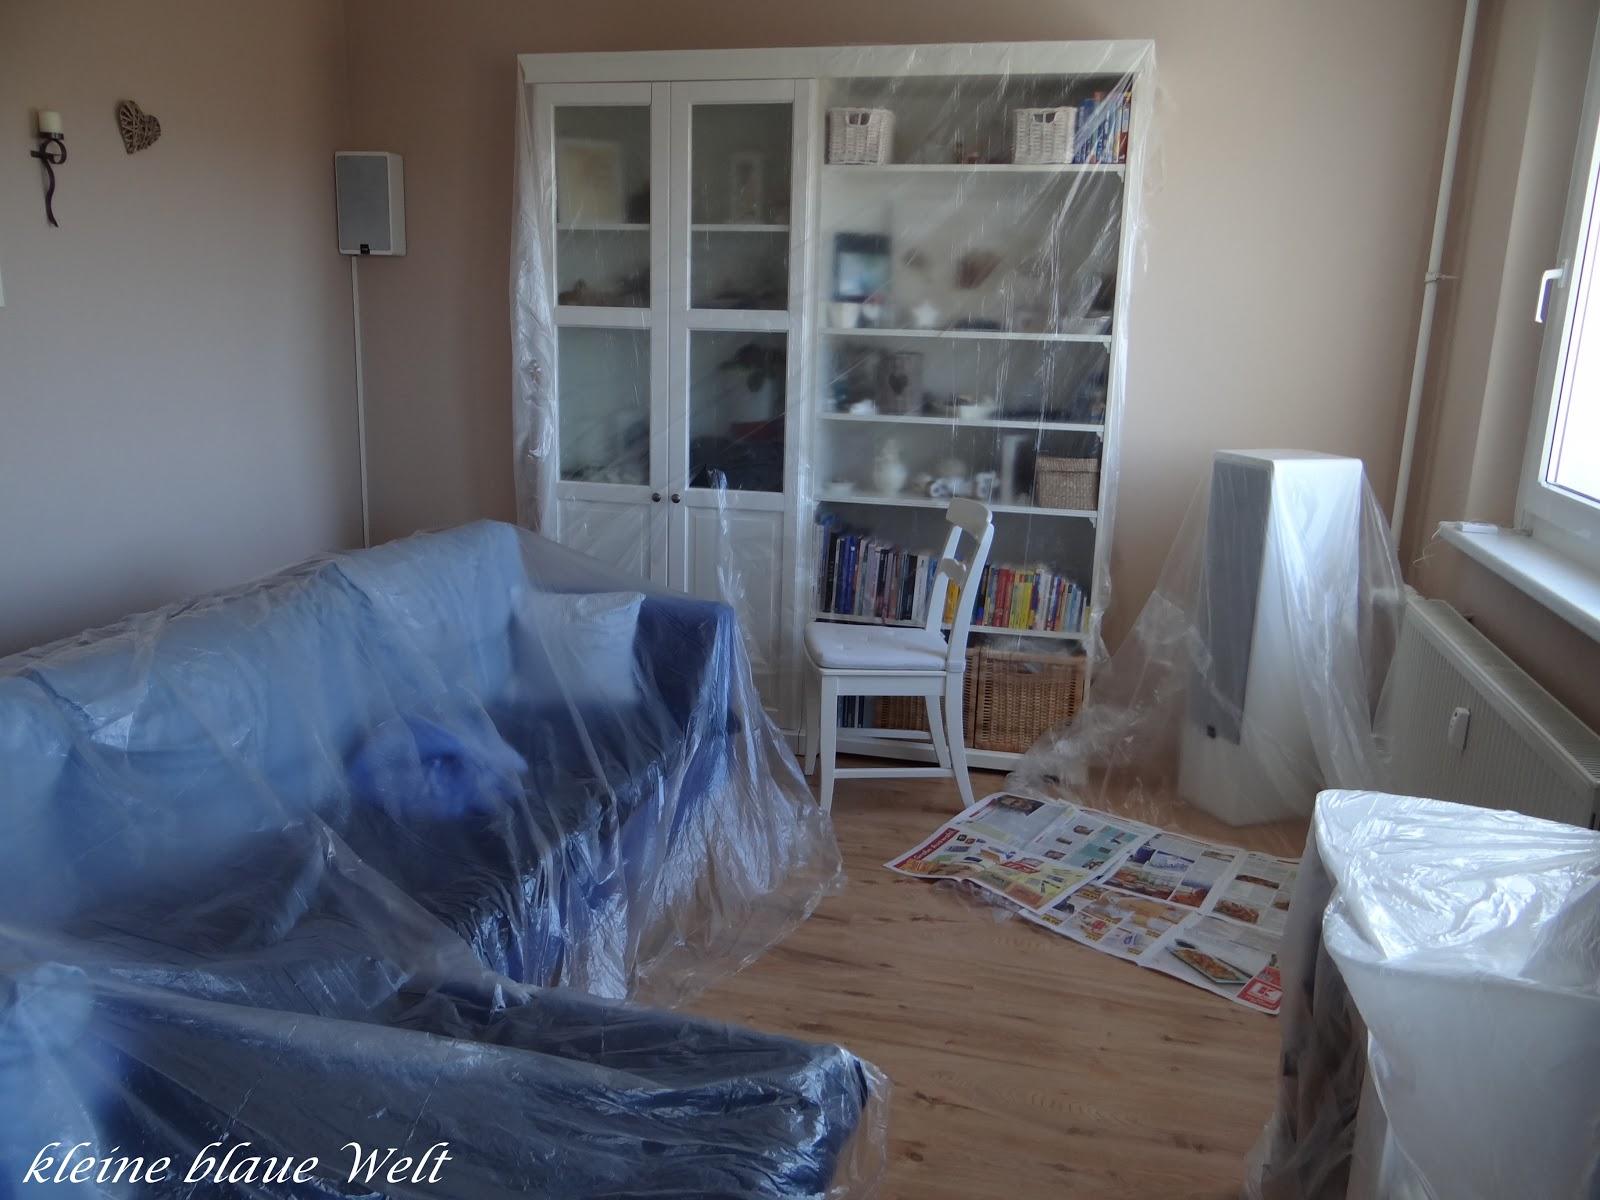 Kleine blaue welt malerchaos und nette post for Dinge im wohnzimmer 94